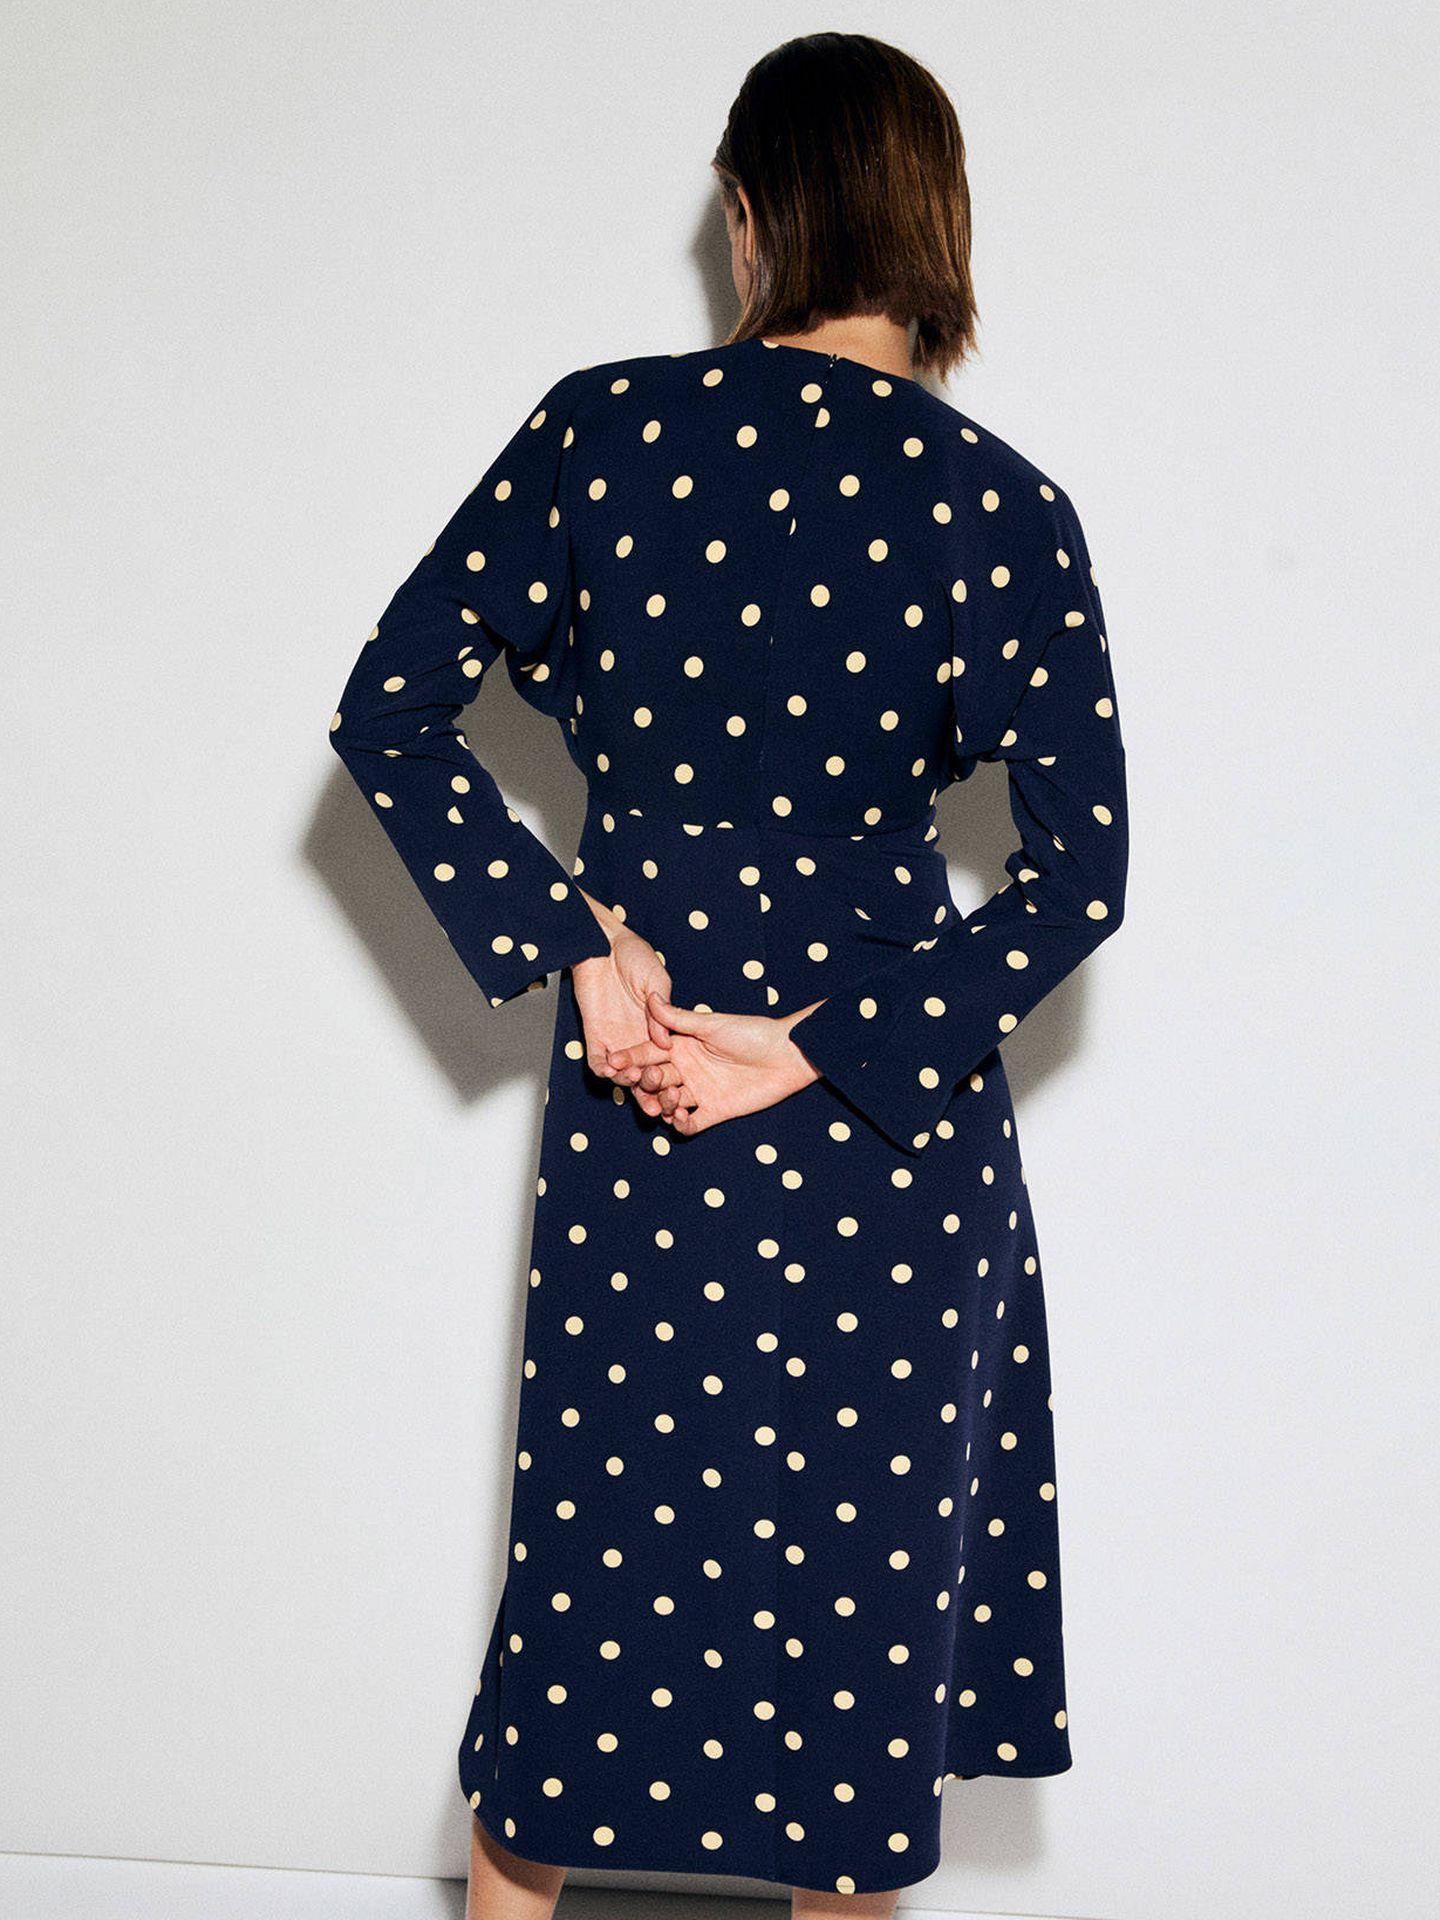 Vestido de lunares de la nueva colección de Sfera. (Cortesía)